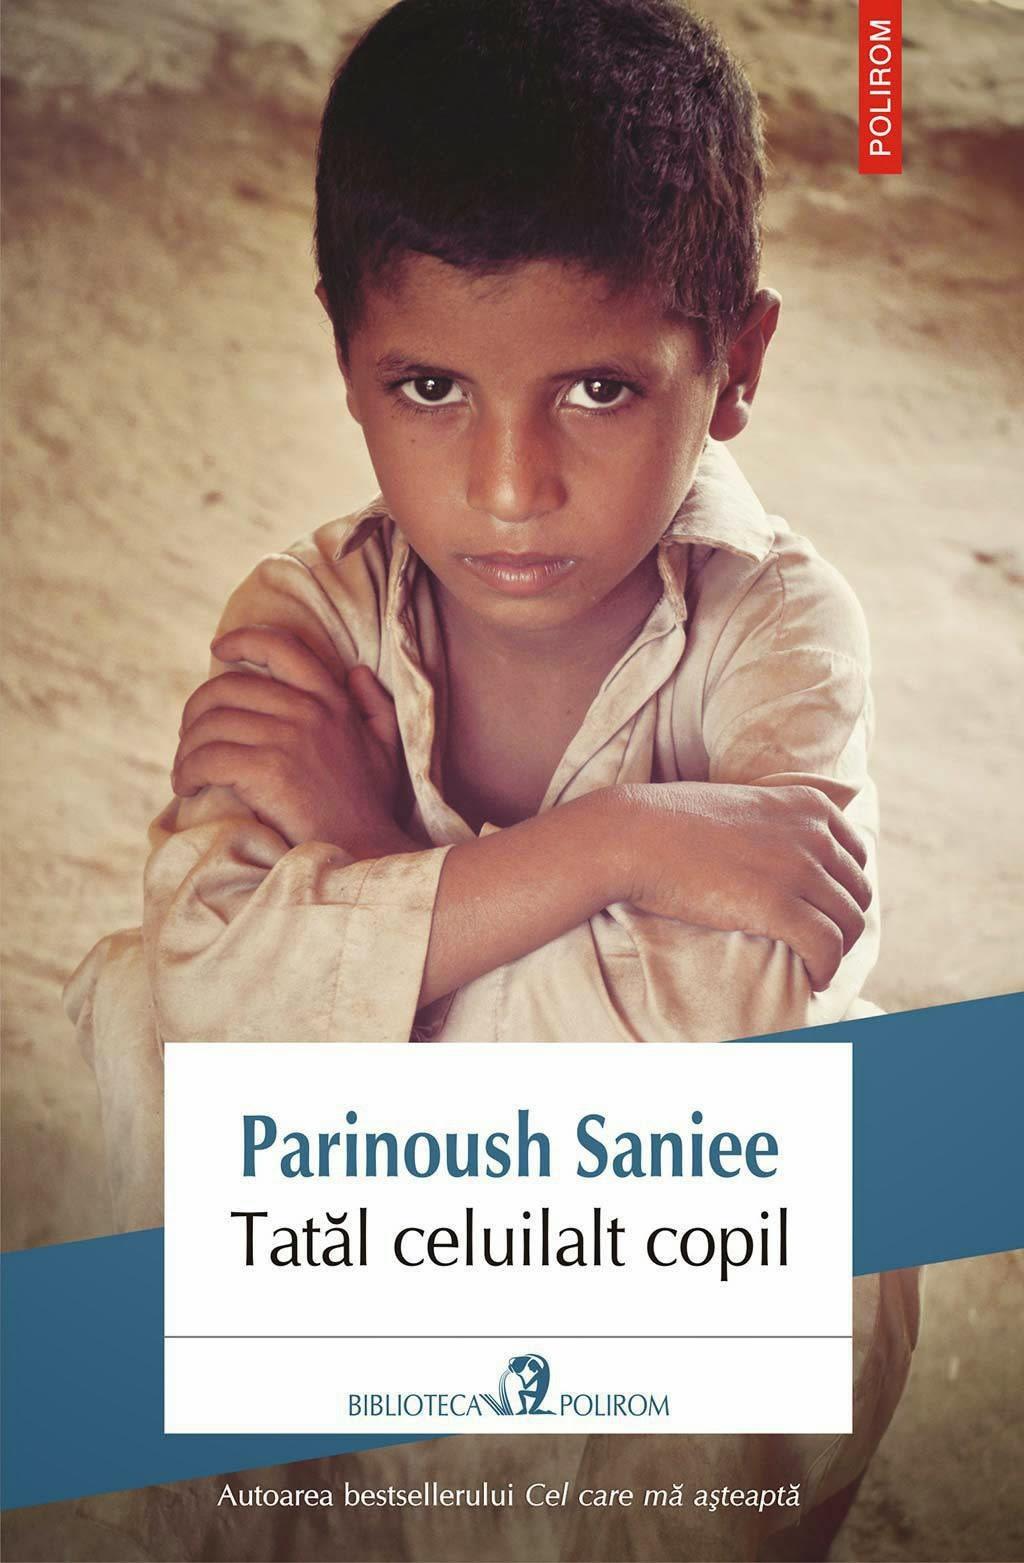 Tatăl celuilalt copil, de Parinoush Saniee – recenzie